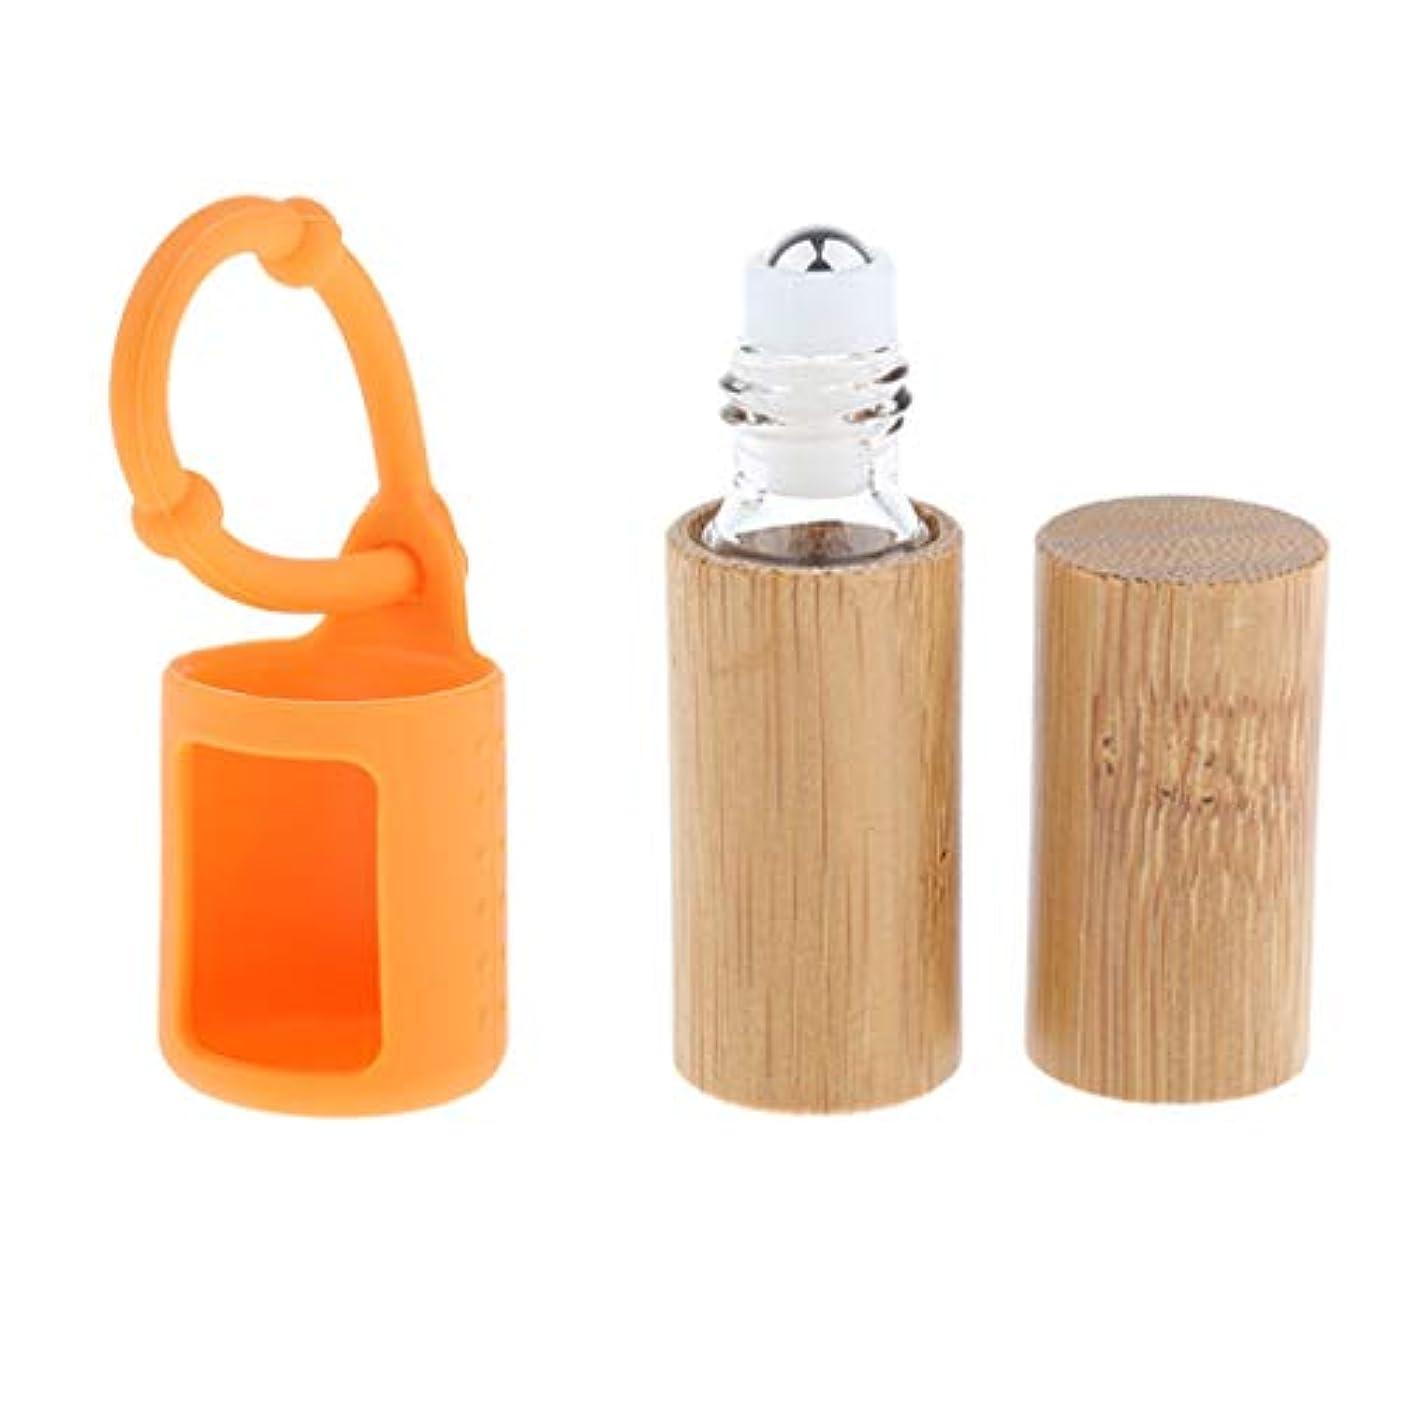 継続中アルバム数竹ボトル エッセンシャルオイル 香水 オイル 精油瓶 詰め替え 5ミリ 吊り掛けバッグ付